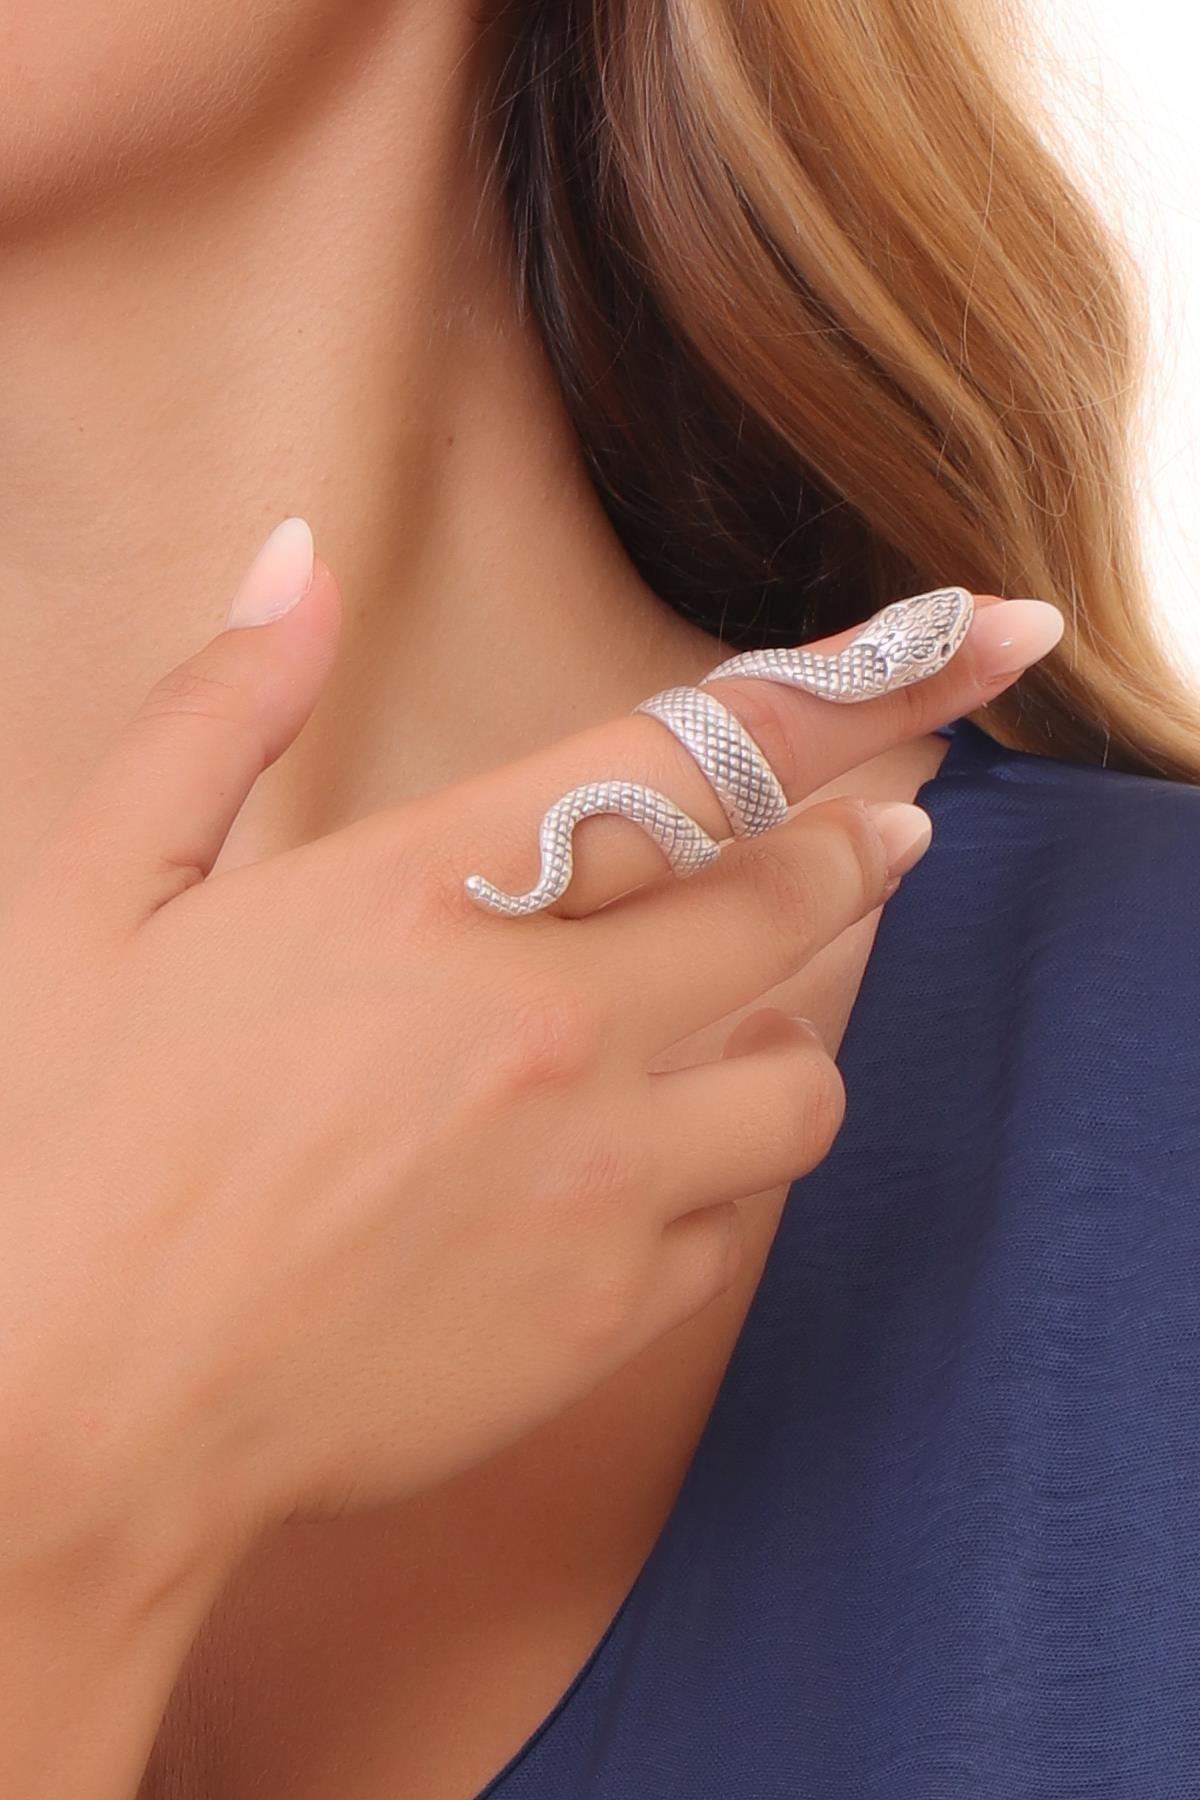 LABALABA Kadın Antik Gümüş Kaplama Dolama Model Yılan Formlu Ayarlanabilir Sağ Parmak Yüzük 2